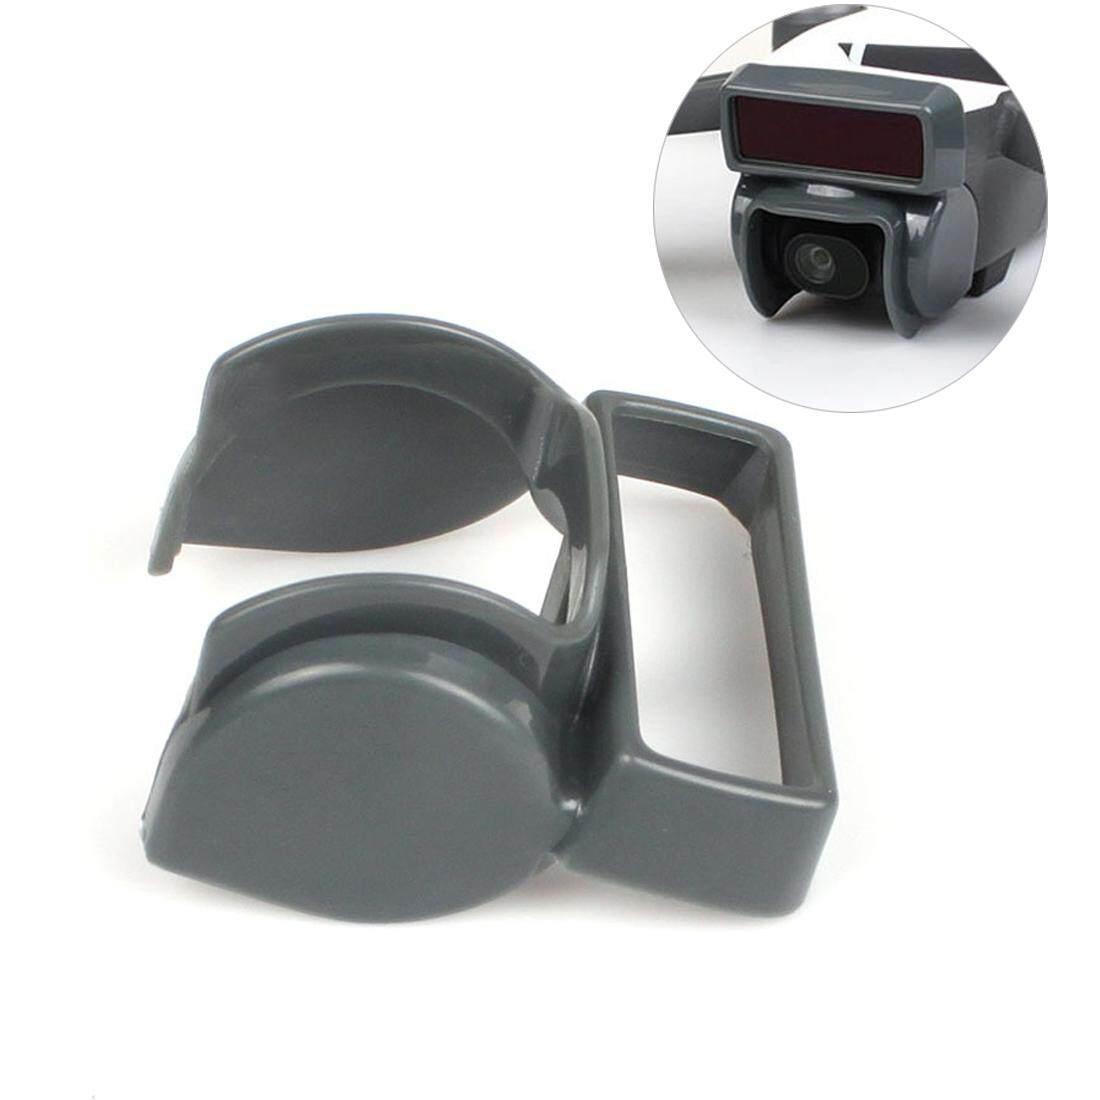 Gimbal Bayangan Lensa Kamera Tudung Anti Refleksi Cahaya Gimbal Sarung Pelindung untuk DJI Spark (Grey)-Internasional